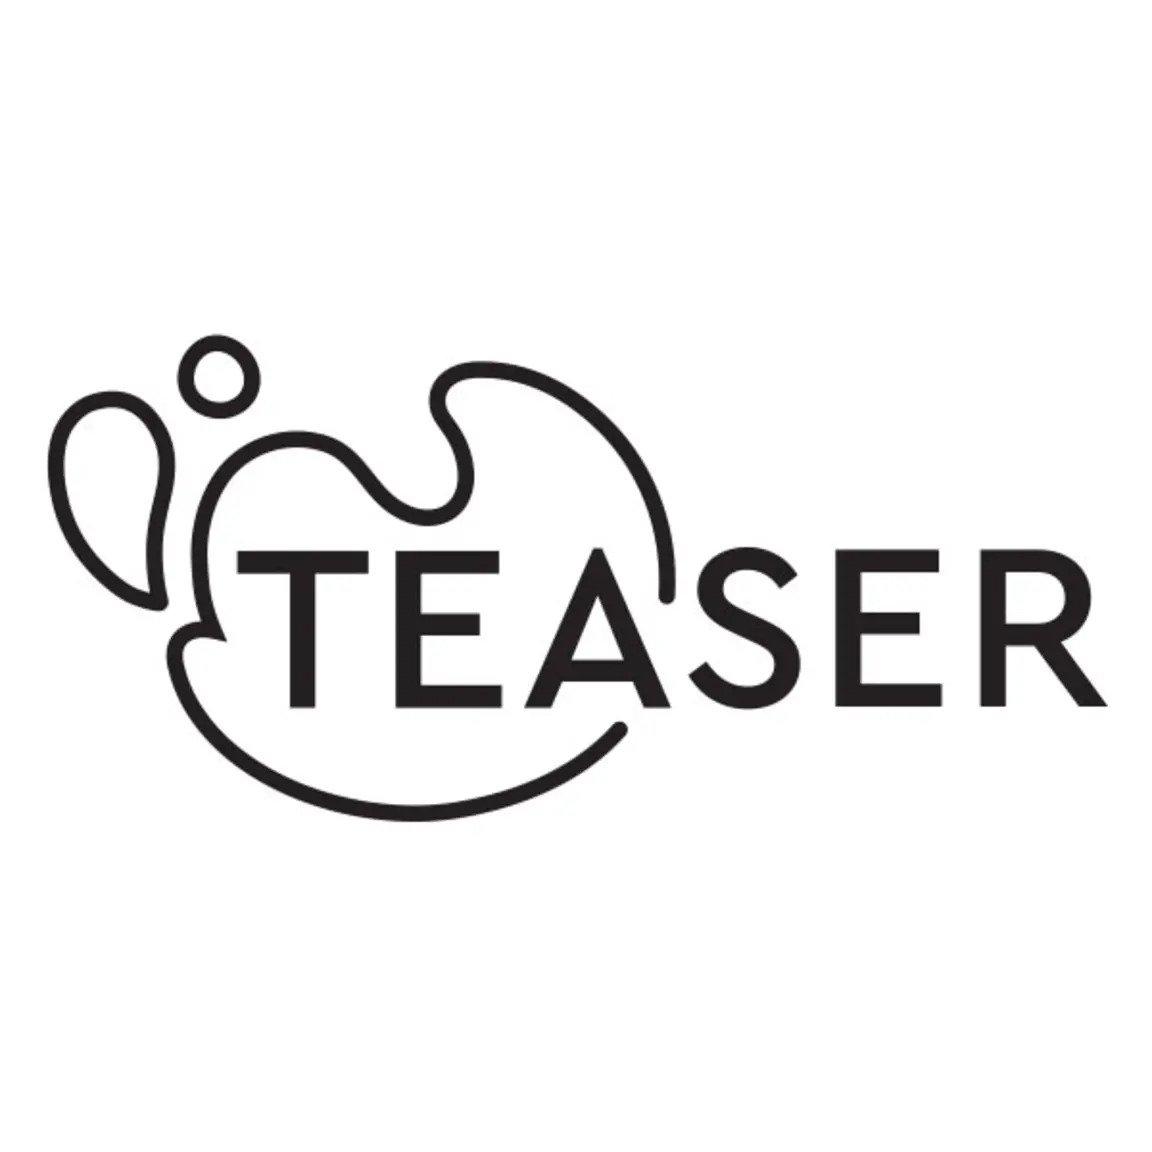 Teaser Black logo